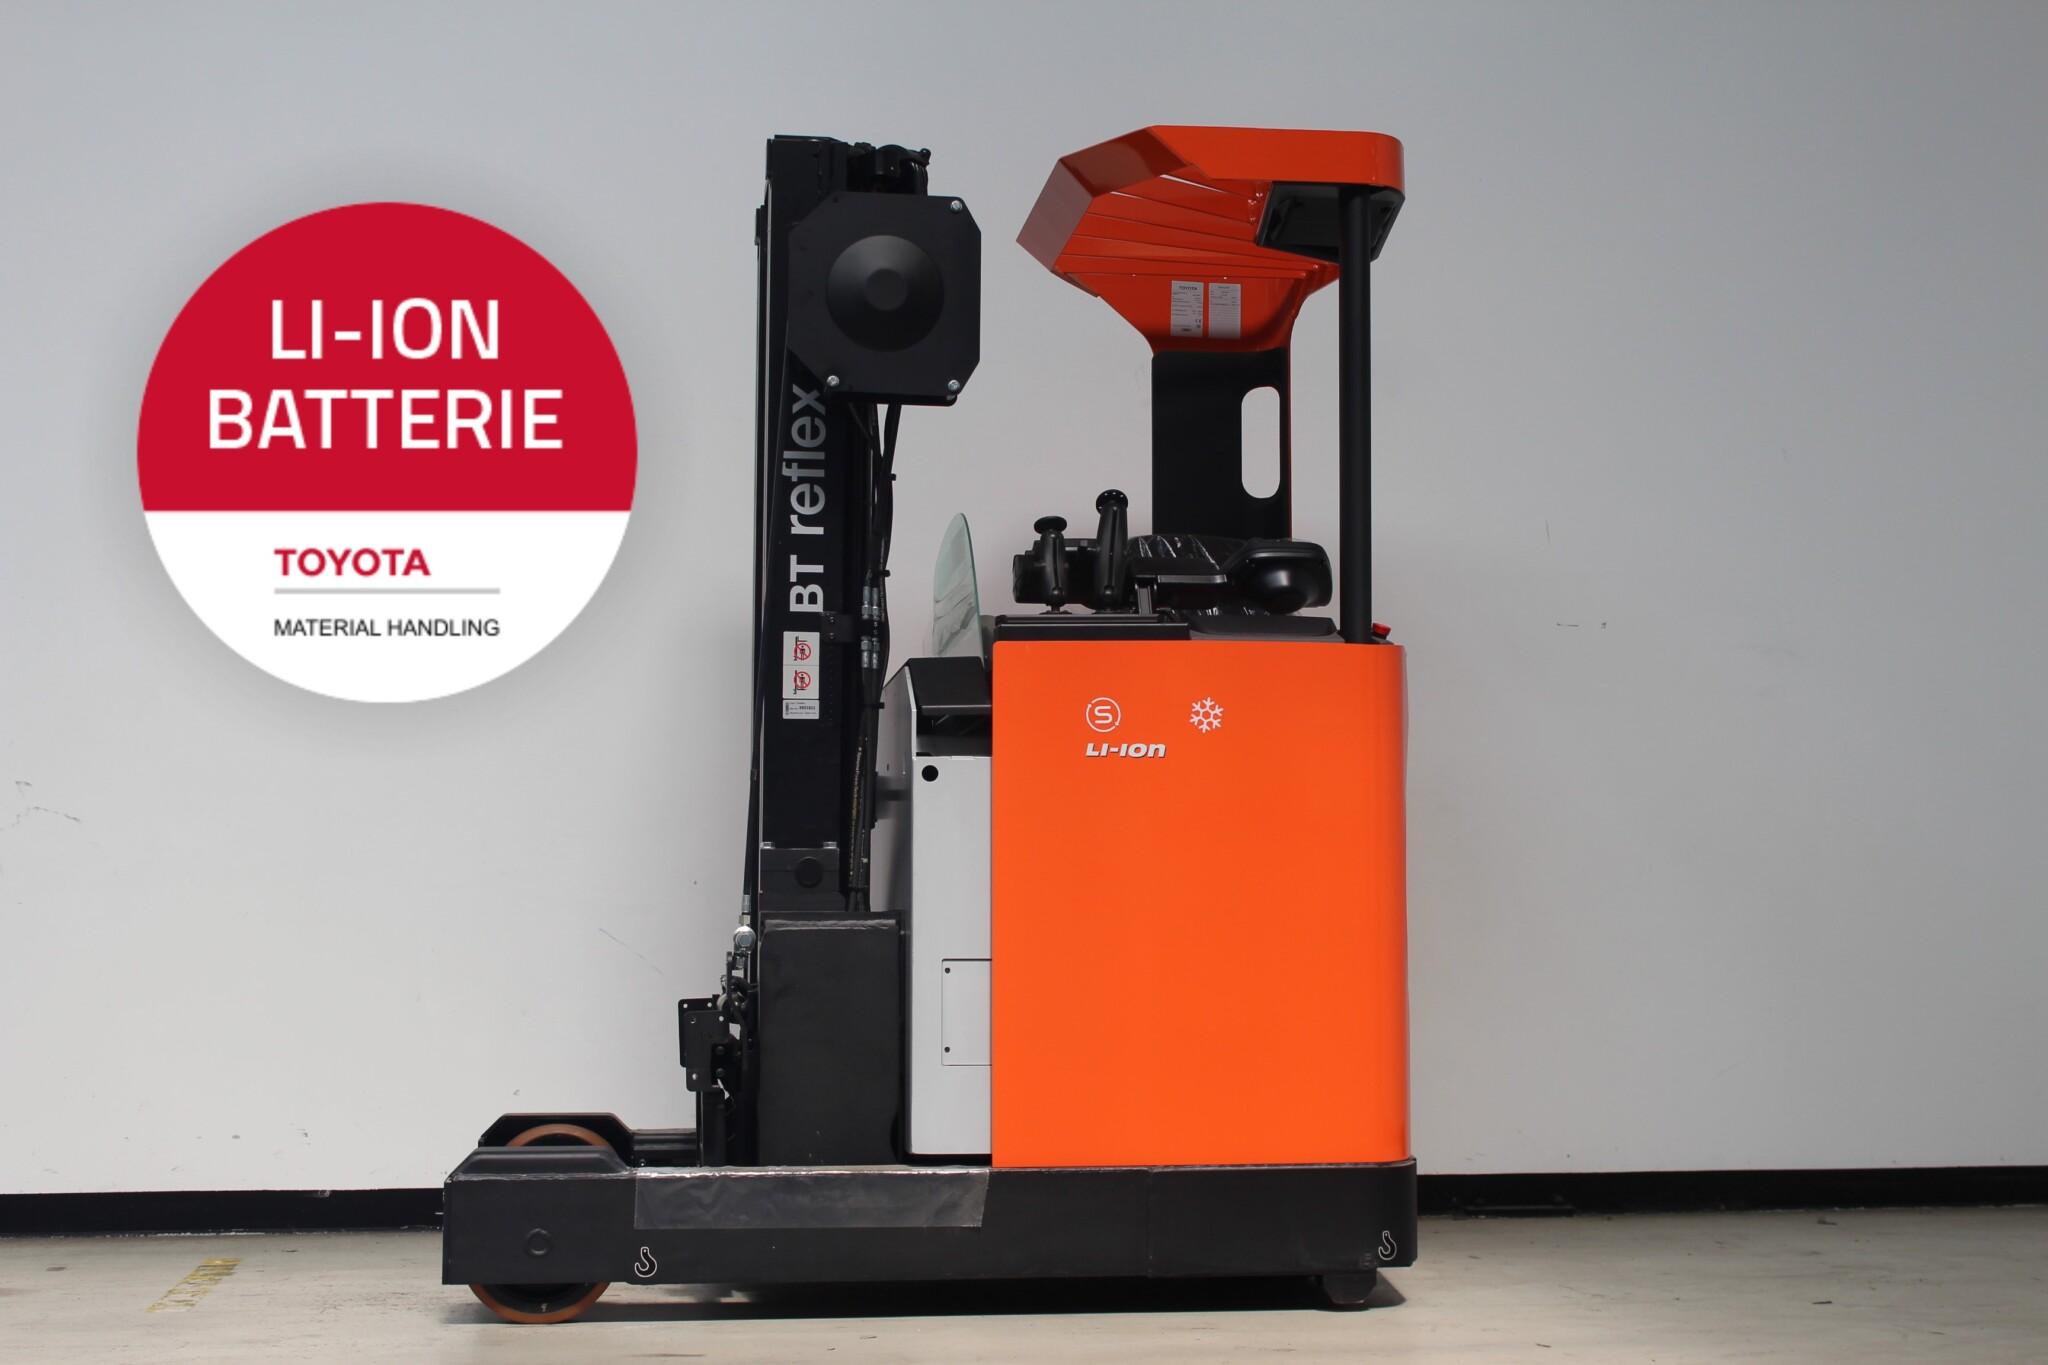 Toyota-Gabelstapler-59840 2011026576 1 scaled